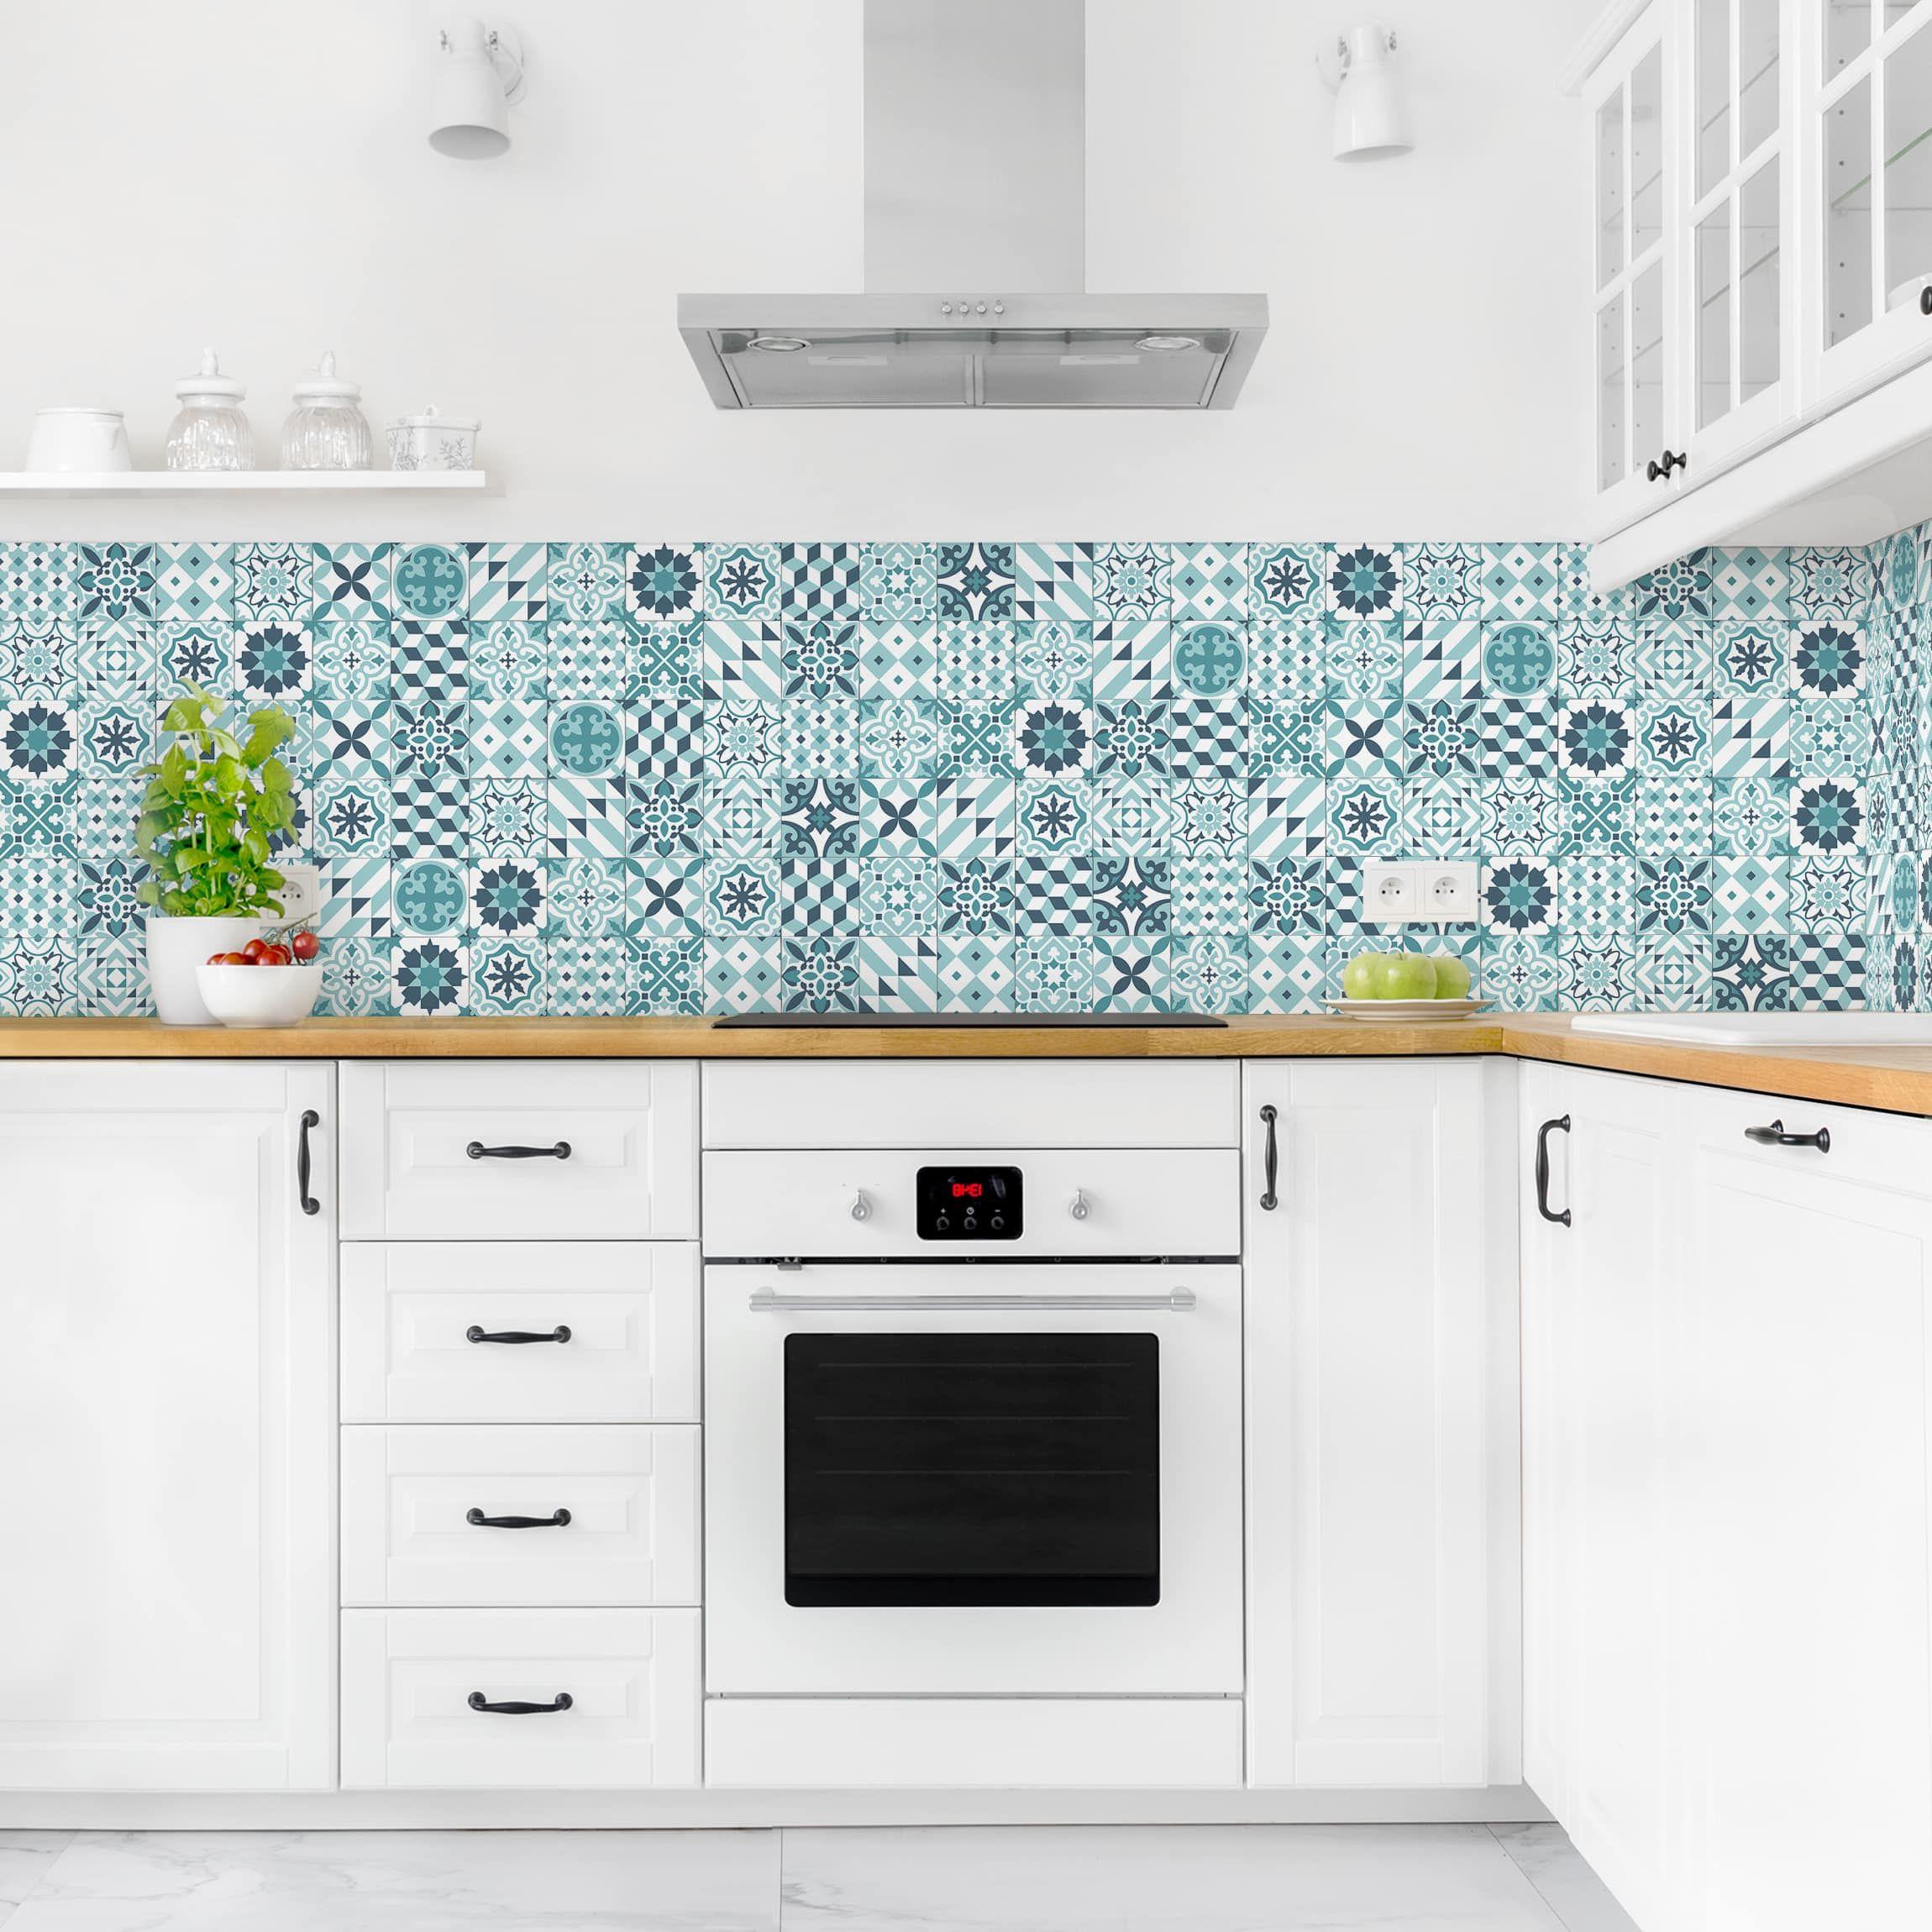 Kuchenruckwand Geometrischer Fliesenmix Turkis Wohnung Kuche